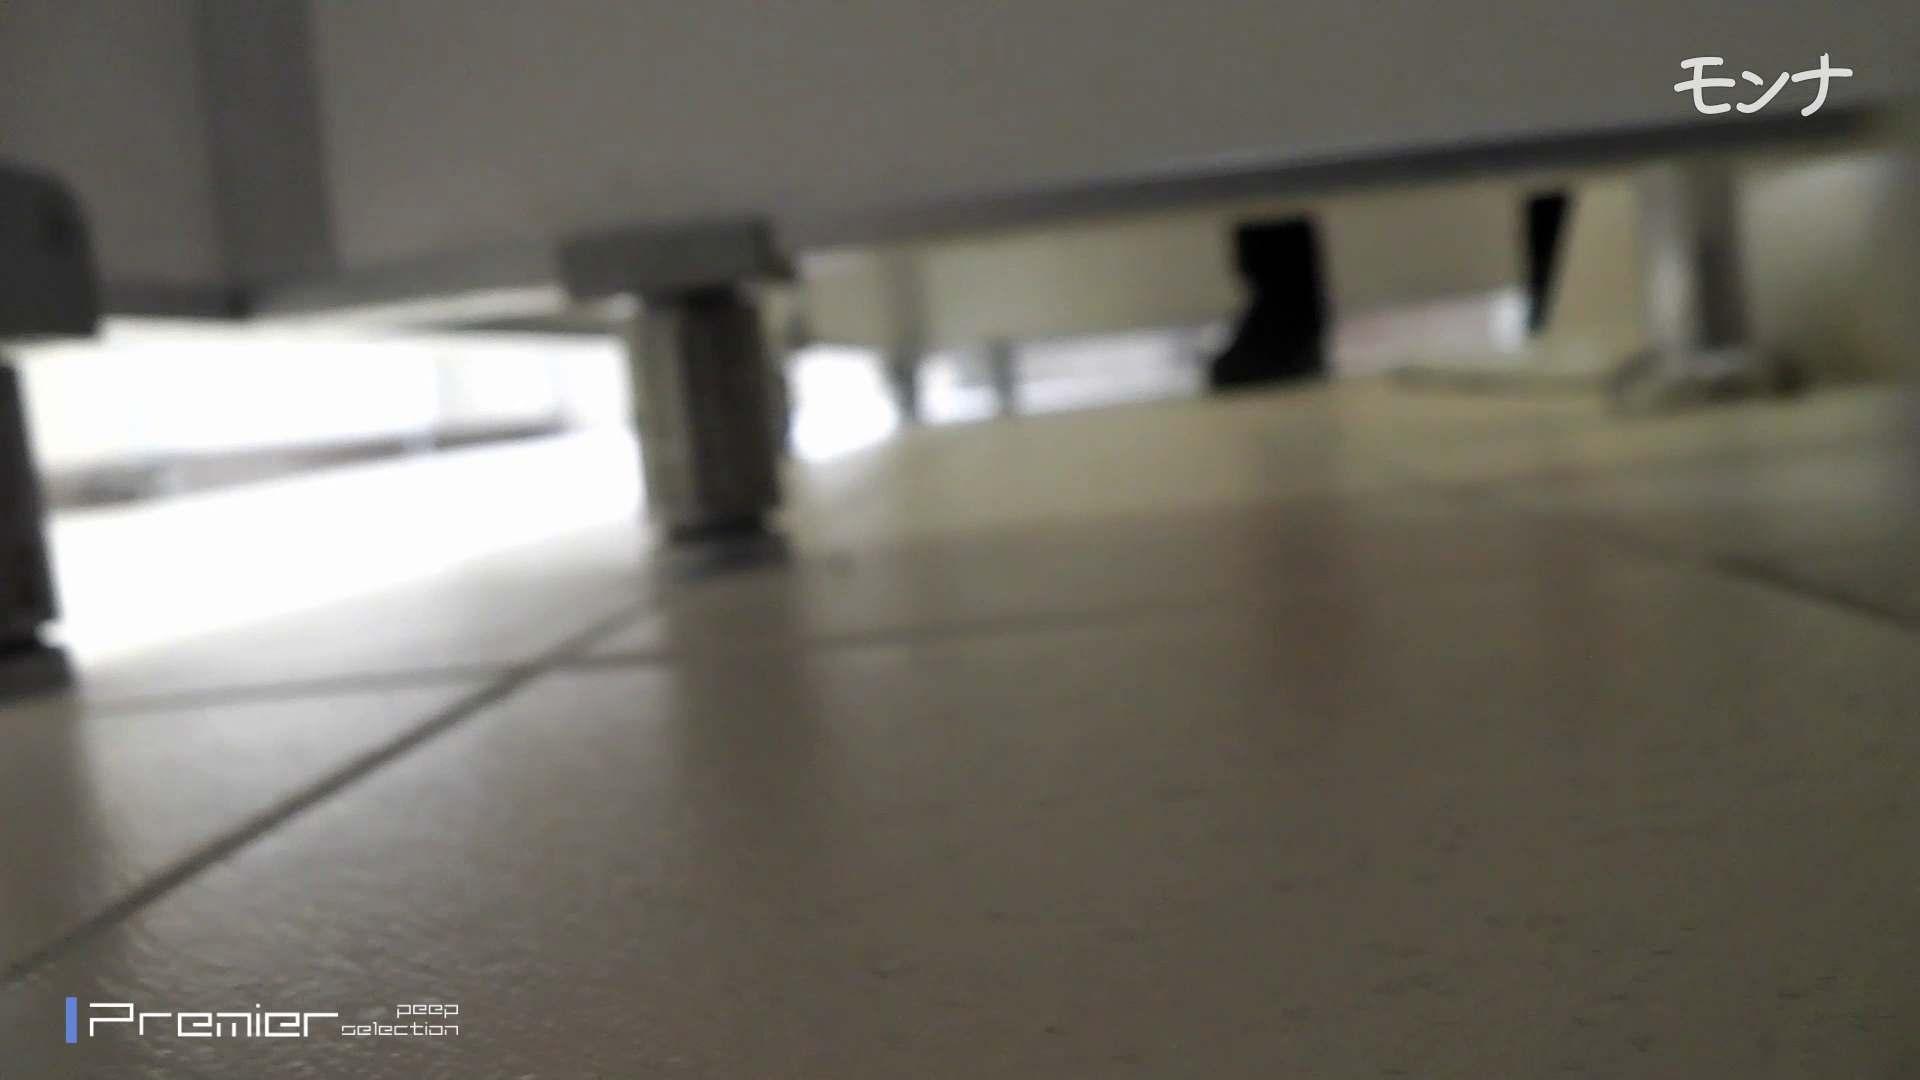 美しい日本の未来 No.55 普通の子たちの日常調長身あり オマンコ特集 おまんこ動画流出 104pic 58